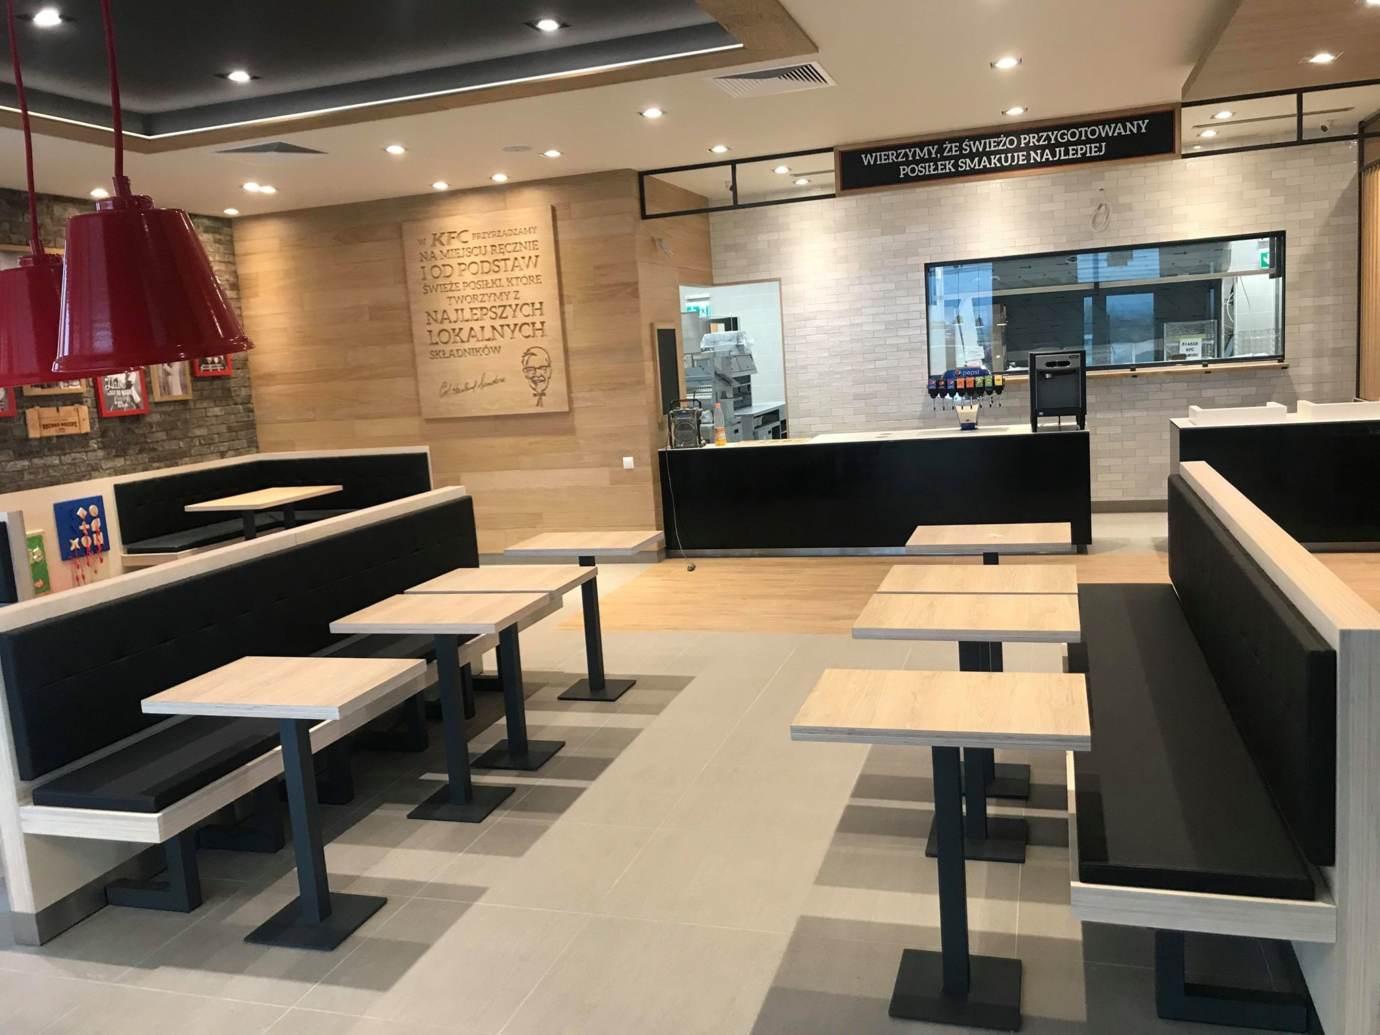 76942766 2526278834104994 1151983578238681088 n Restauracja KFC na godzinę przed pierwszym otwarciem (zdjęcia)